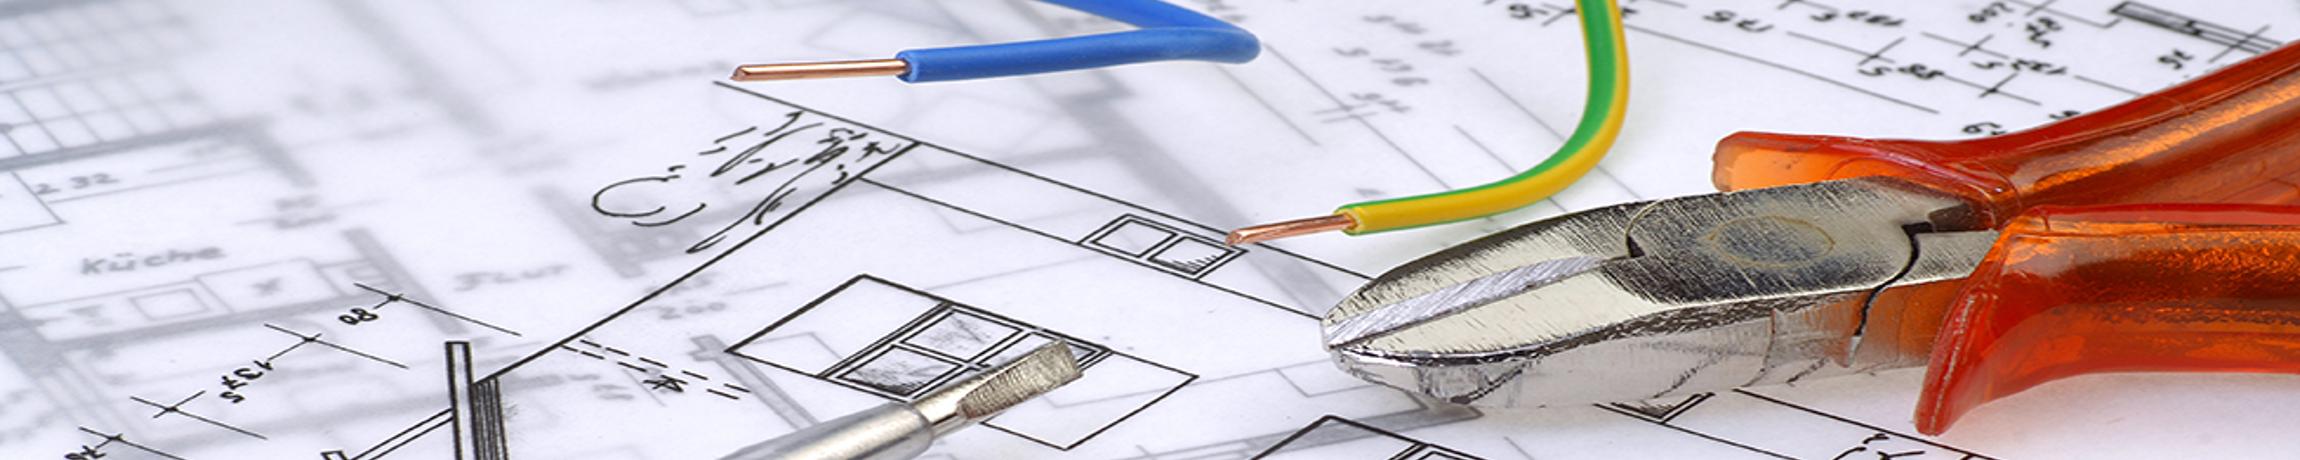 progettazione-impianti-elettrici-sassari-safety-energy